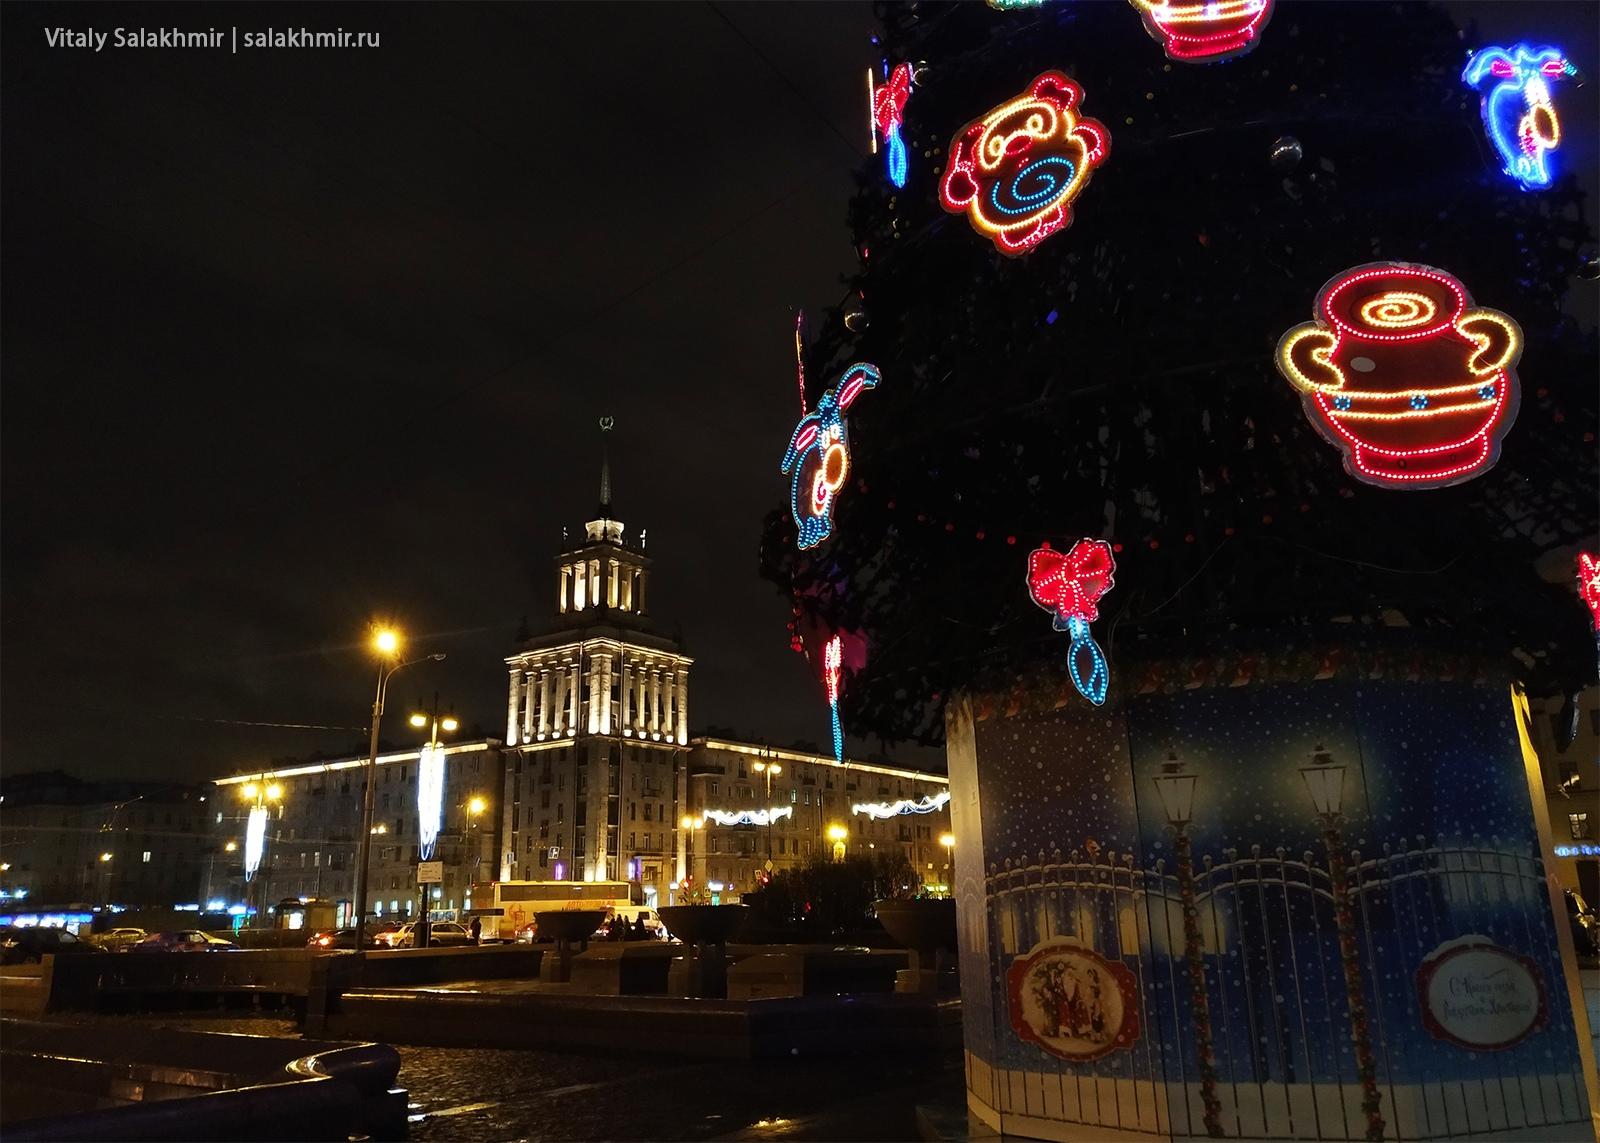 Елка в Санкт-Петербурге, Московский проспект 2019